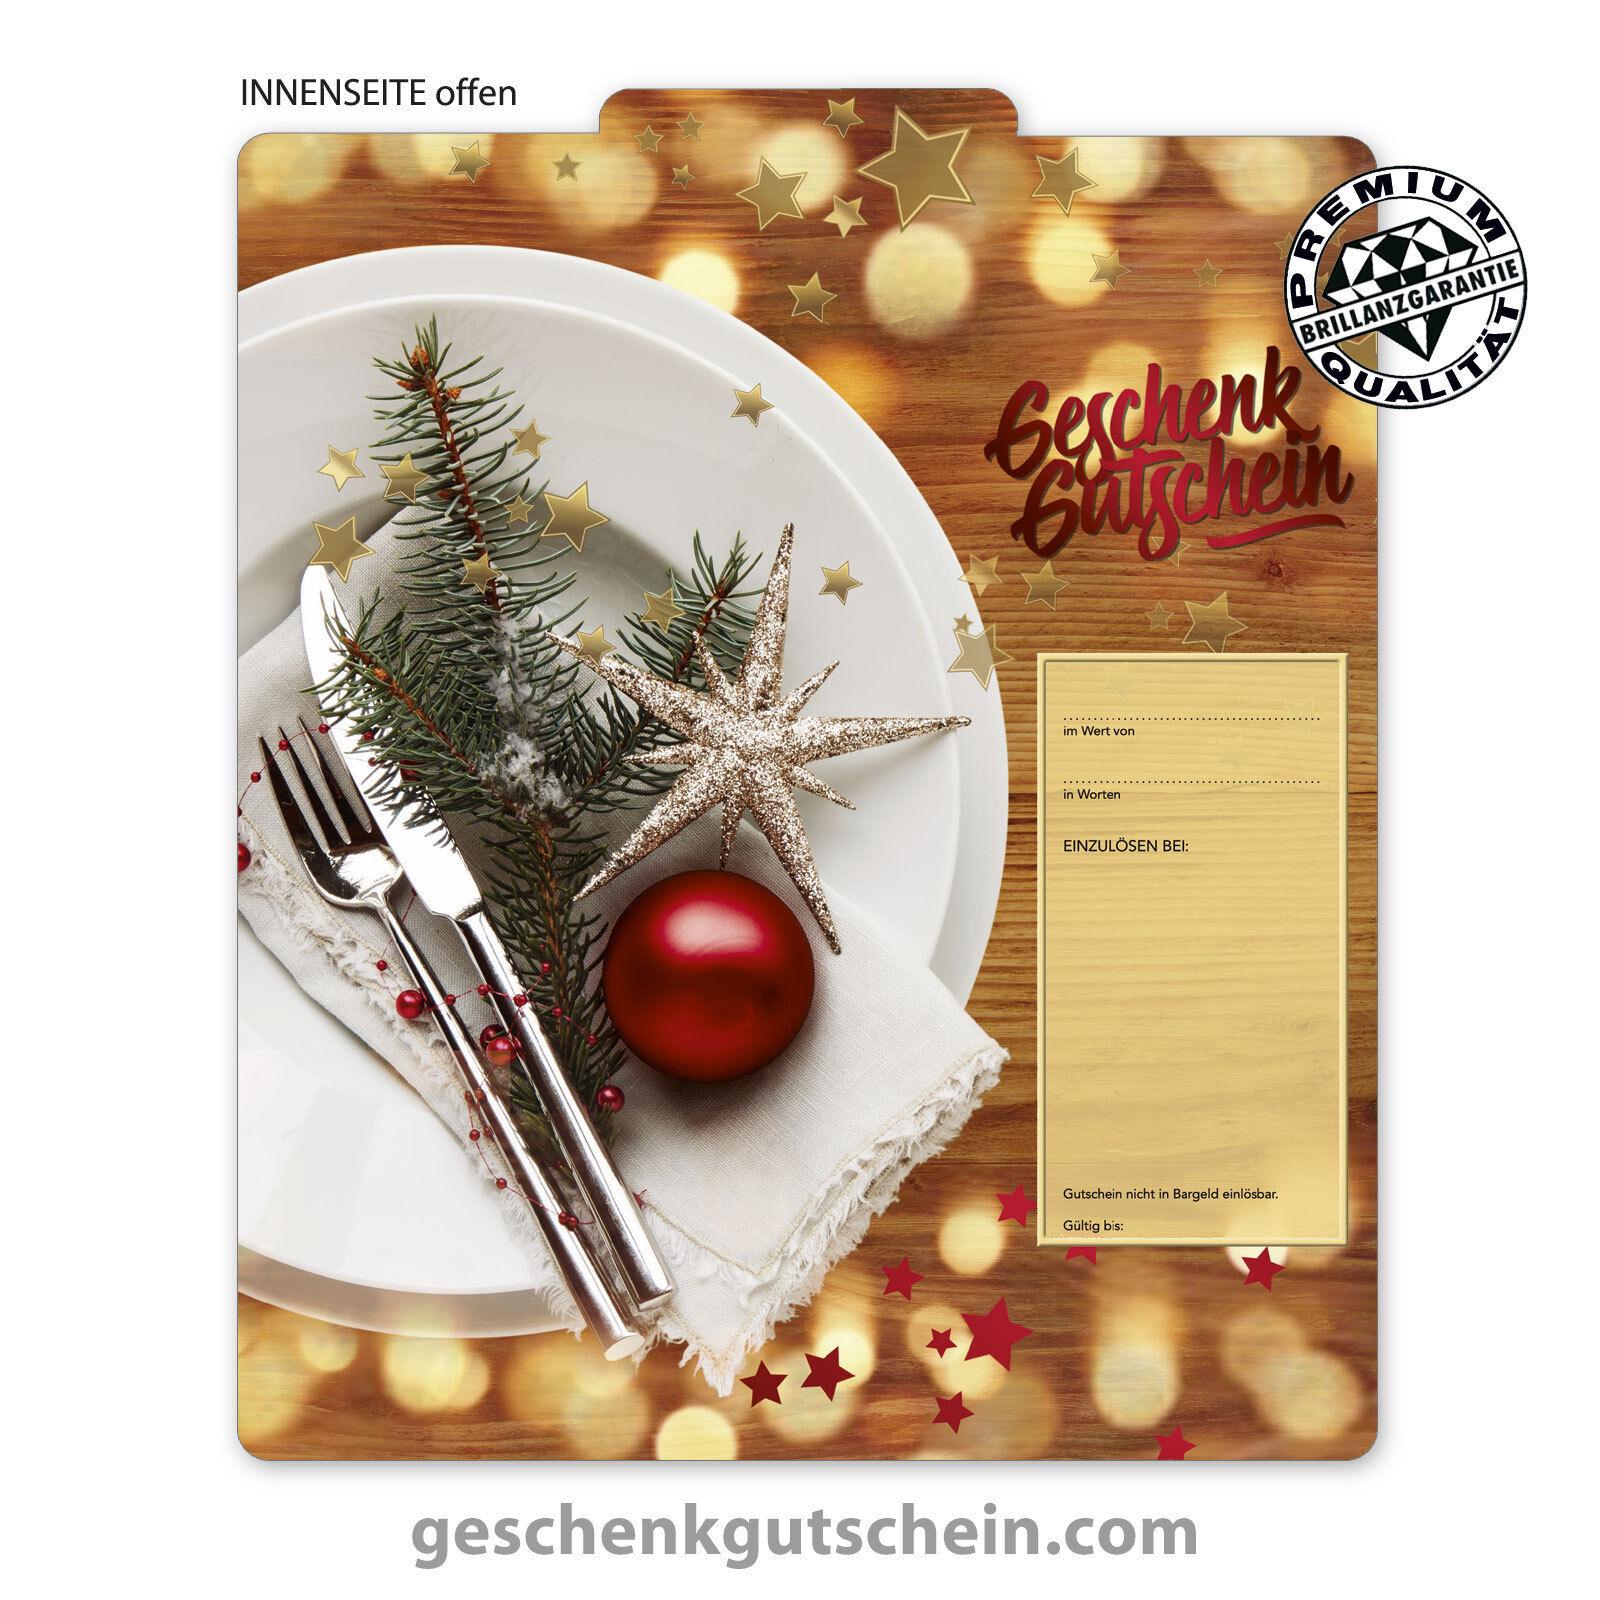 Premium Weihnachts-Faltgutscheine  MultiFarbe  für Gastronomiebetriebe G2019  | Neueste Technologie  | Grüne, neue Technologie